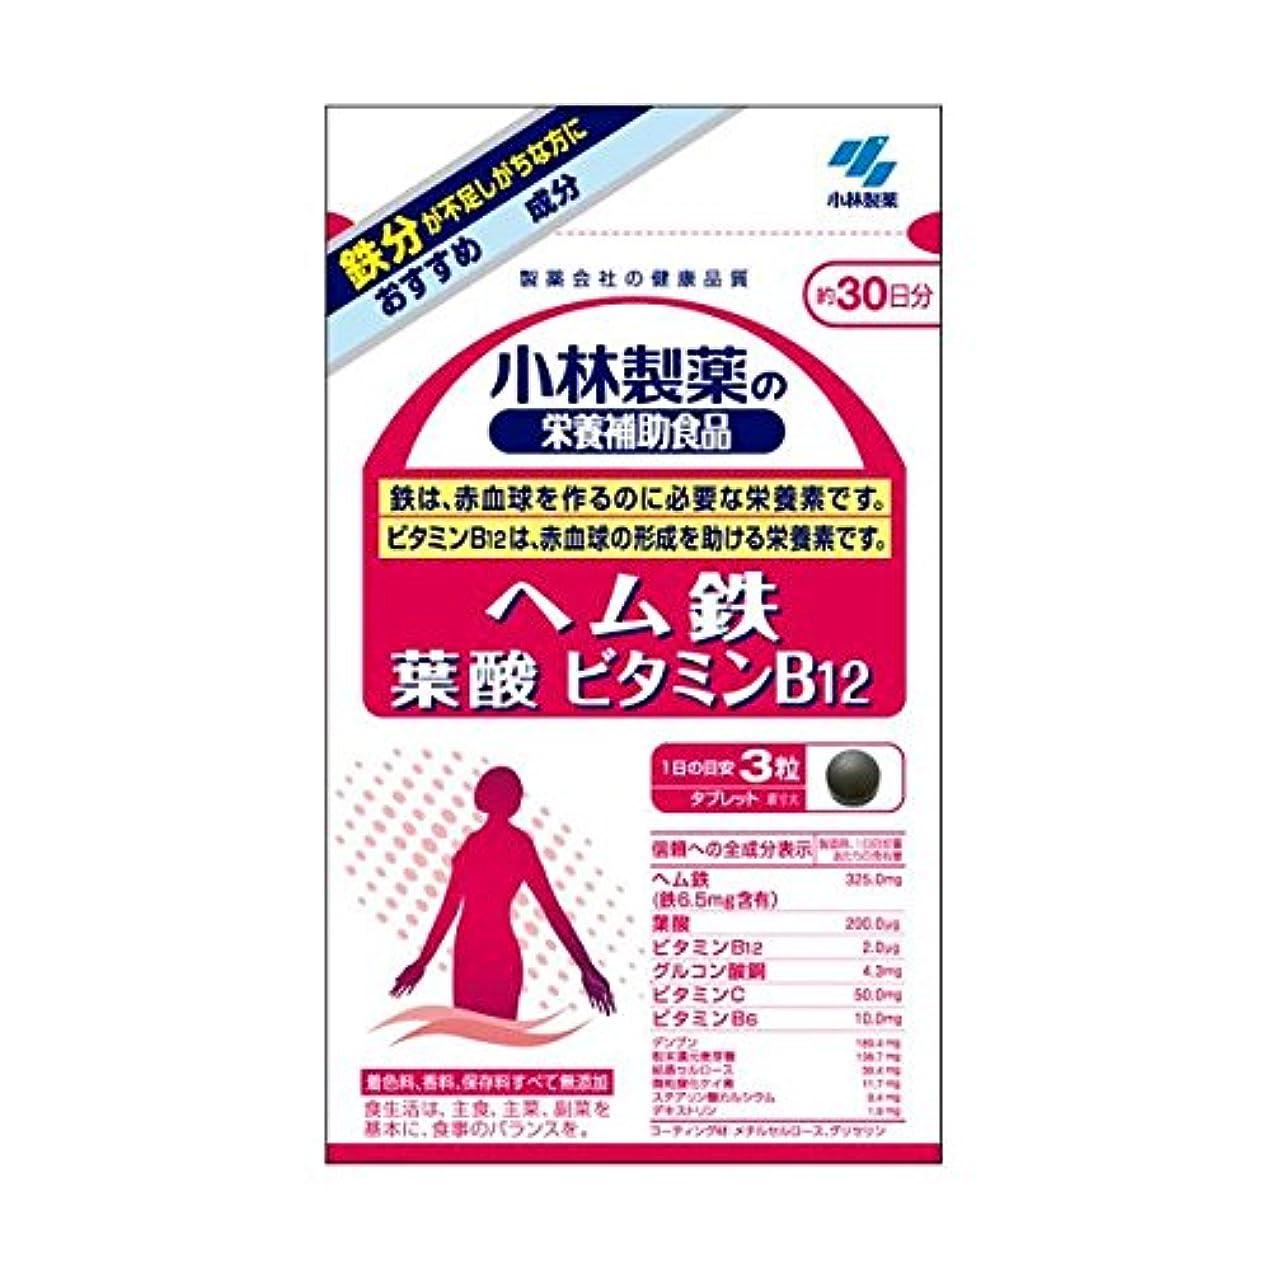 タフページ形状小林製薬 小林製薬の栄養補助食品ヘム鉄葉酸ビタミンB12 90粒×2